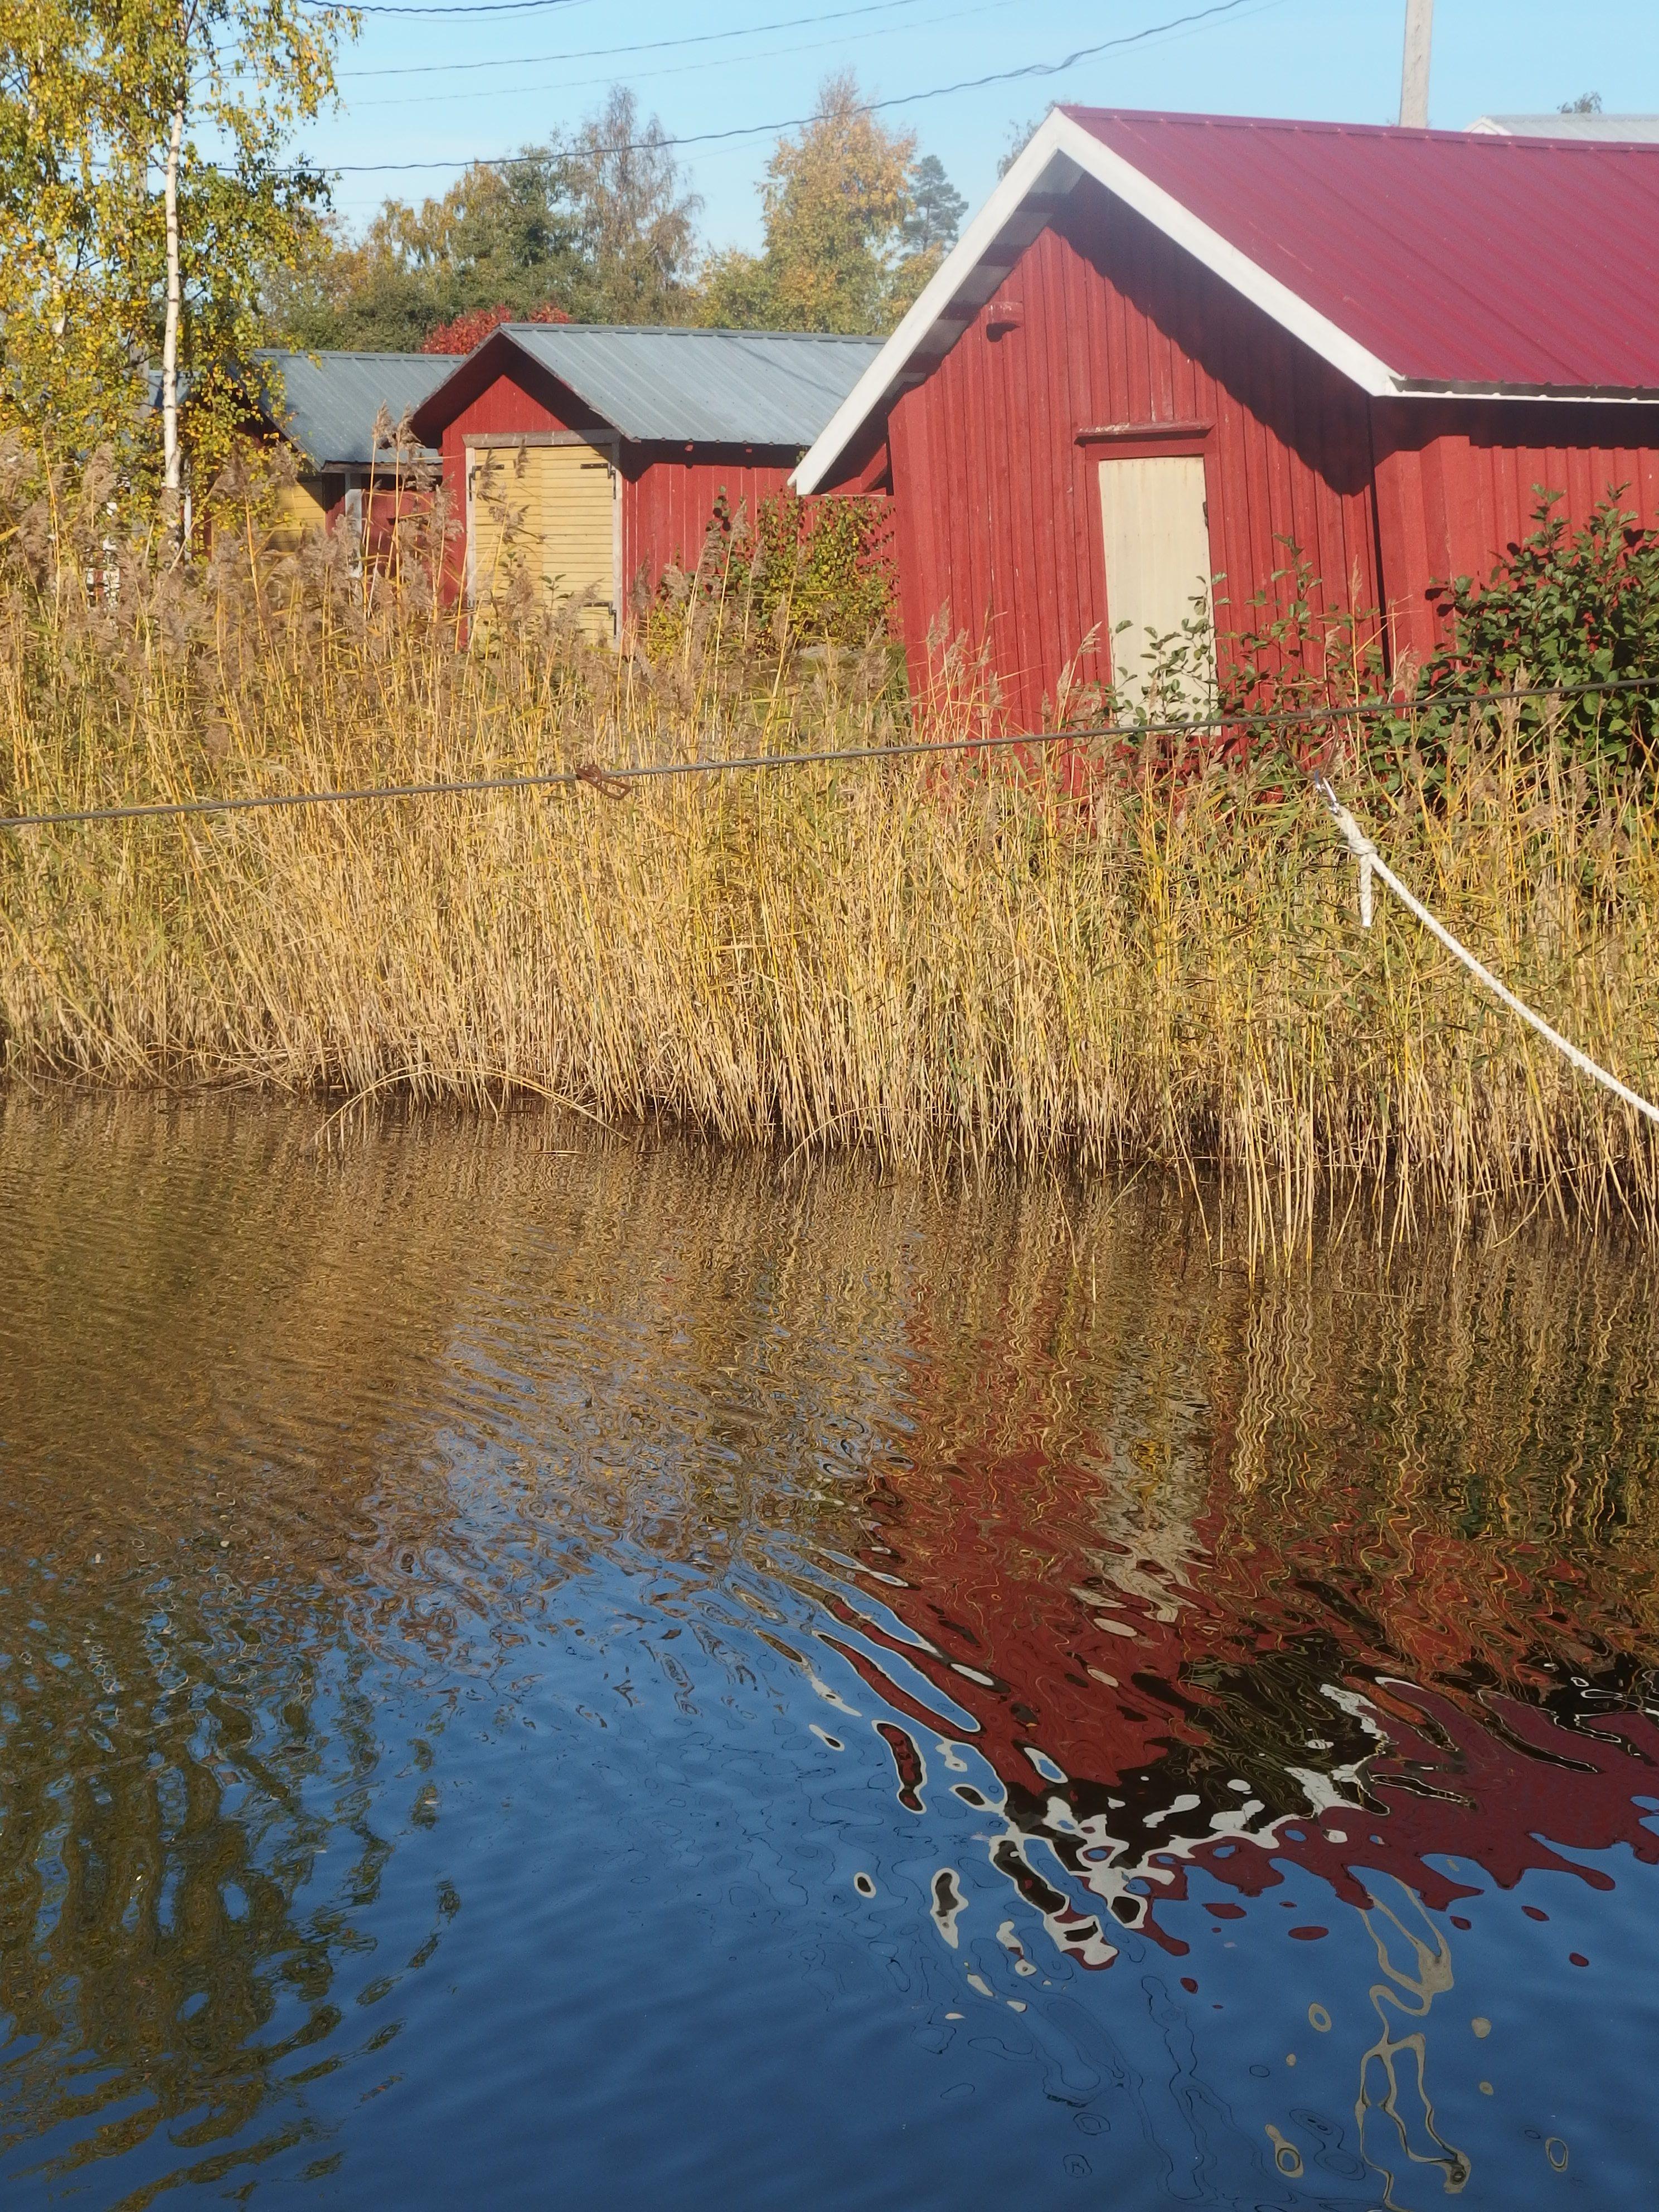 venemajoja Västervikissä